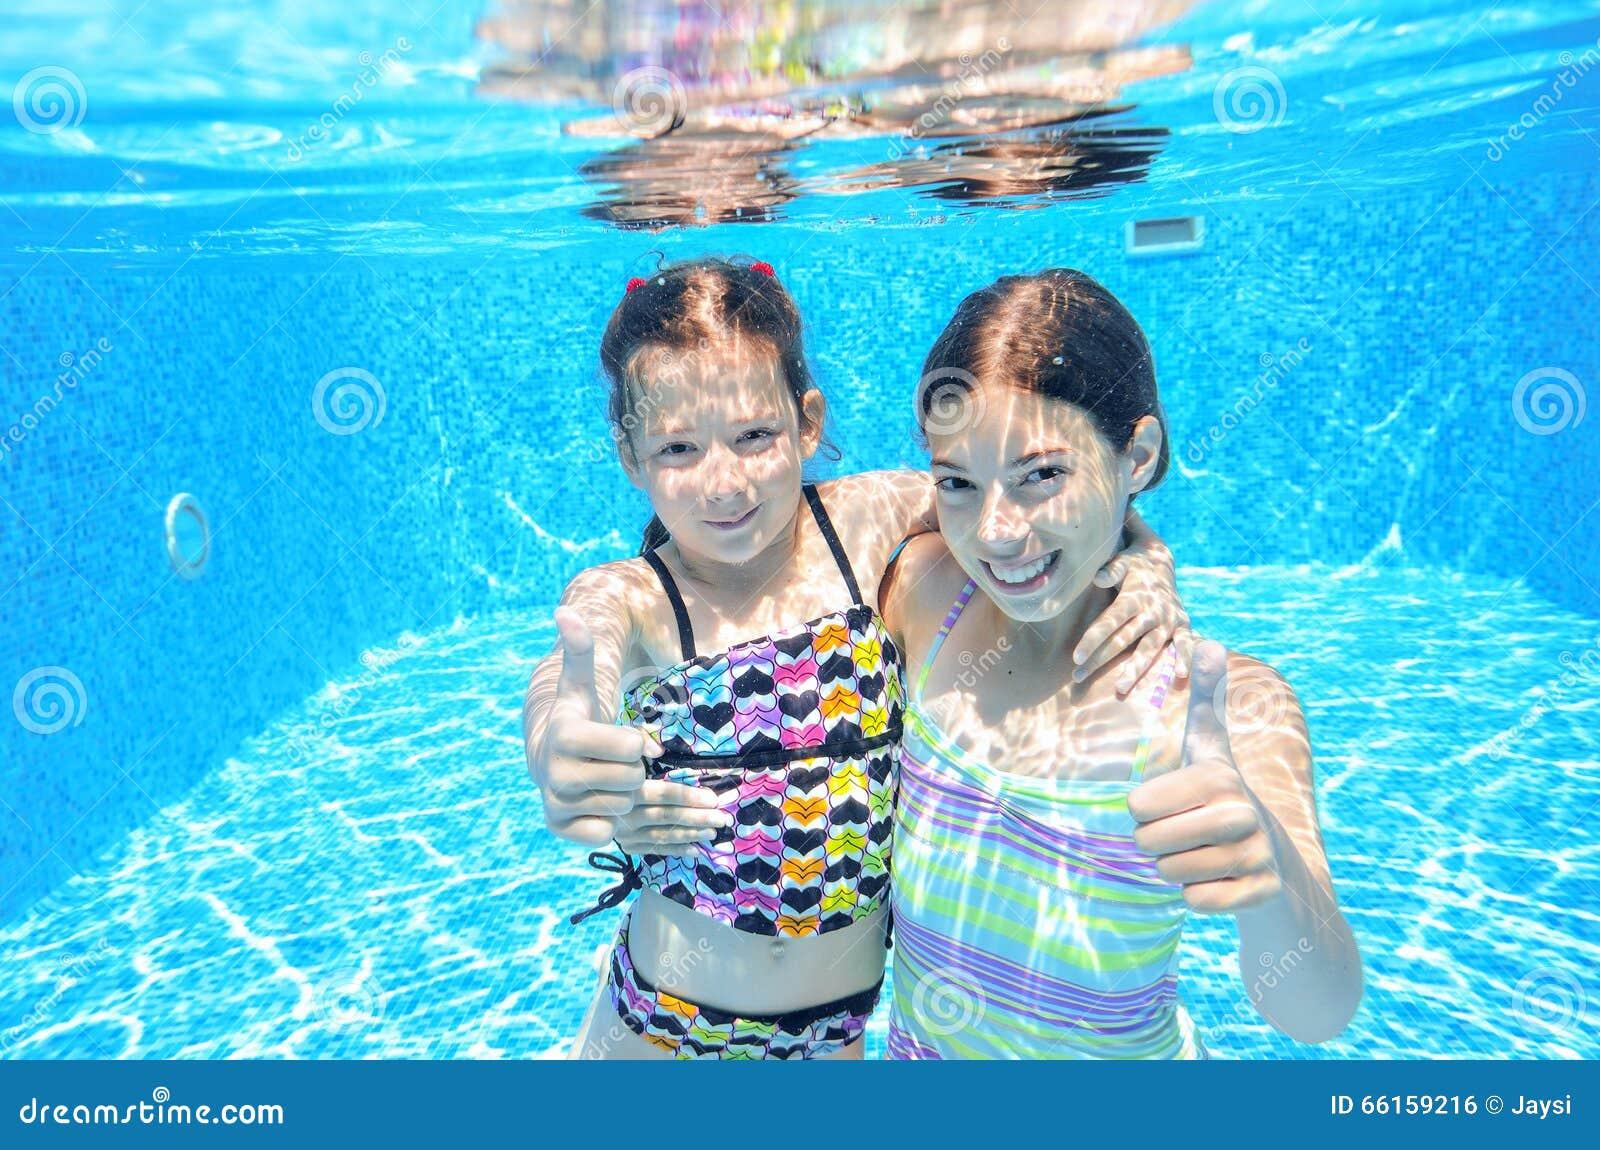 kinder schwimmen im unterwasser pool gl ckliche aktive m dchen haben spa unter wasser. Black Bedroom Furniture Sets. Home Design Ideas